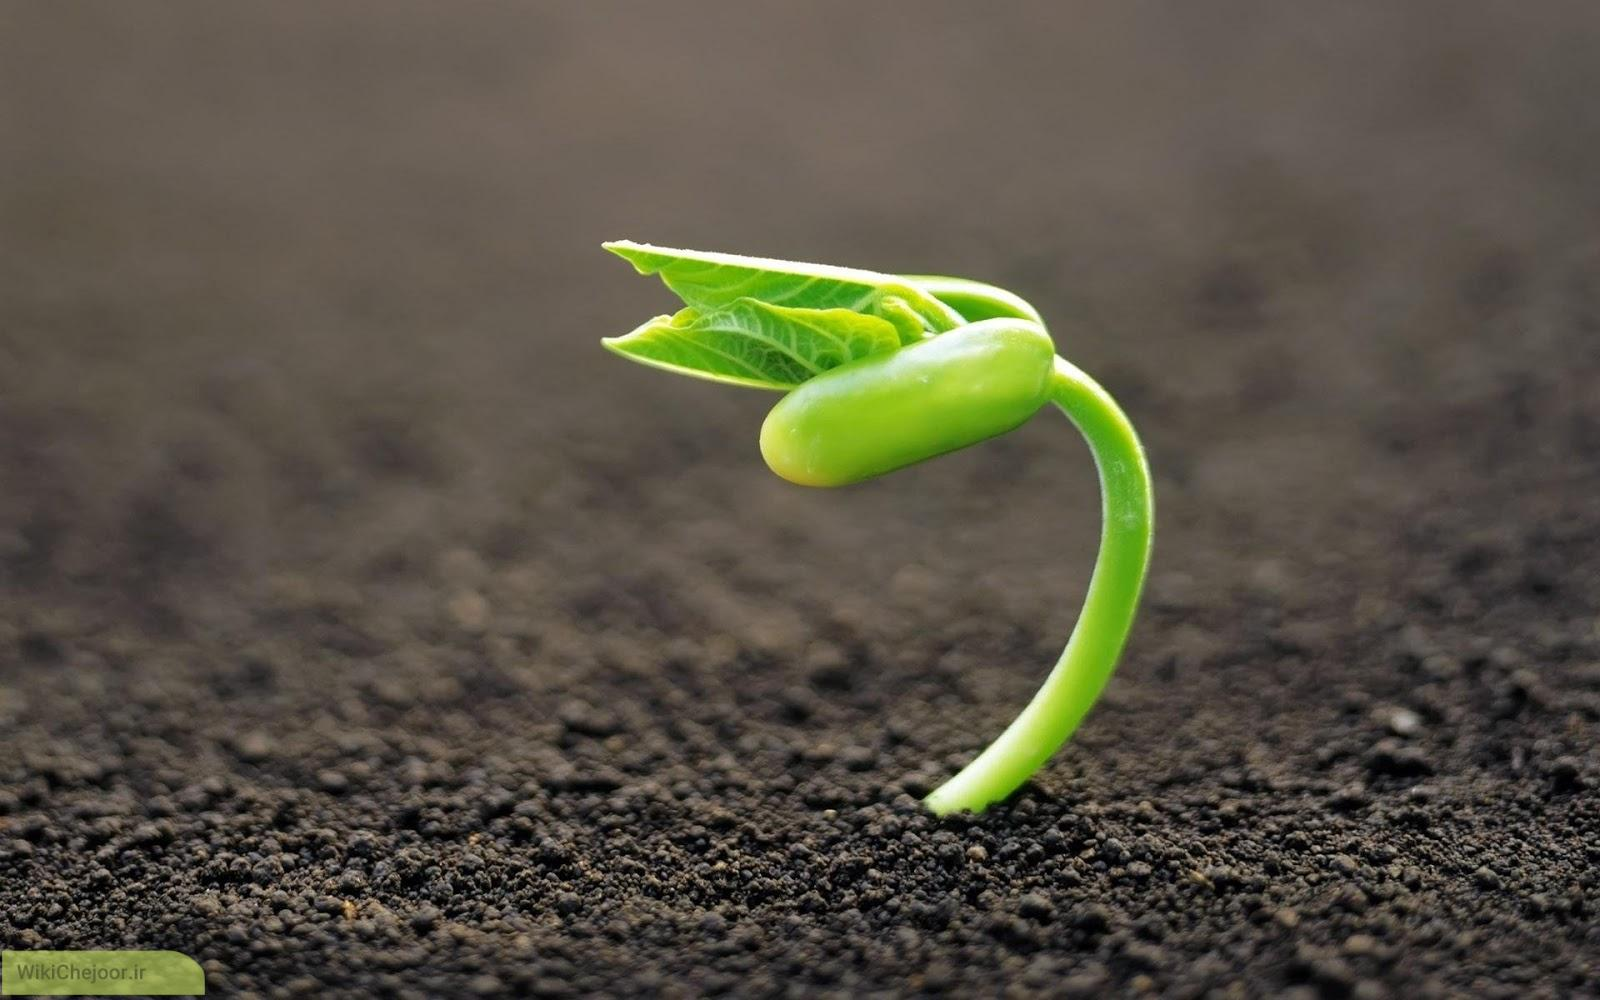 چگونه آب و هوا بر رشد گیاه تاثیر می گذارد؟